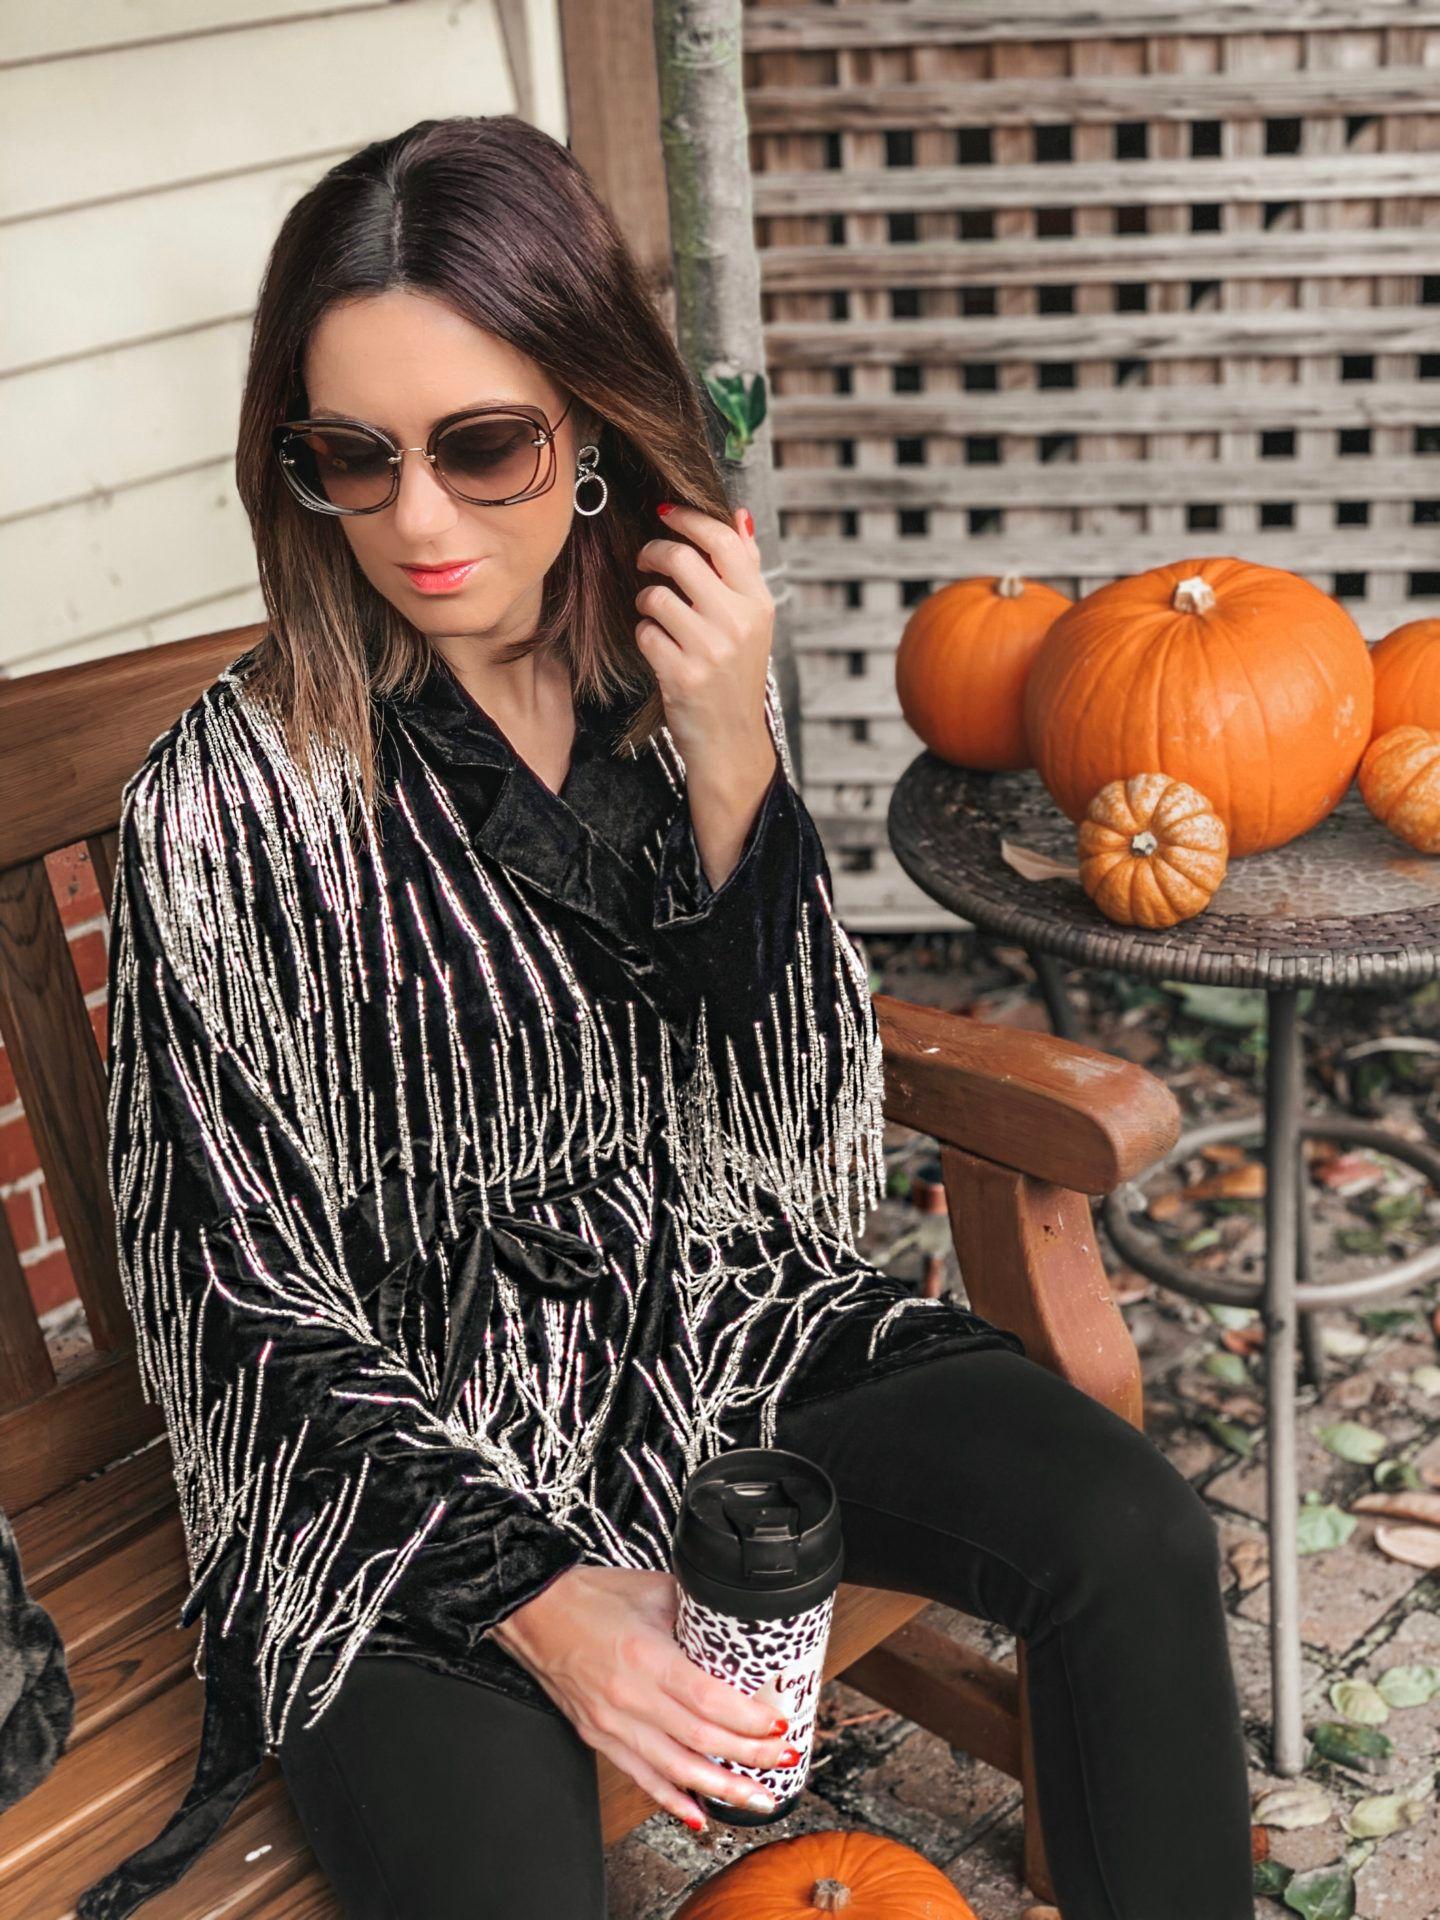 ASOS EDITION velvet beaded fringe blazer | Swarovski MERRY PIERCED EARRING JACKETS | BOSS Black Jeans